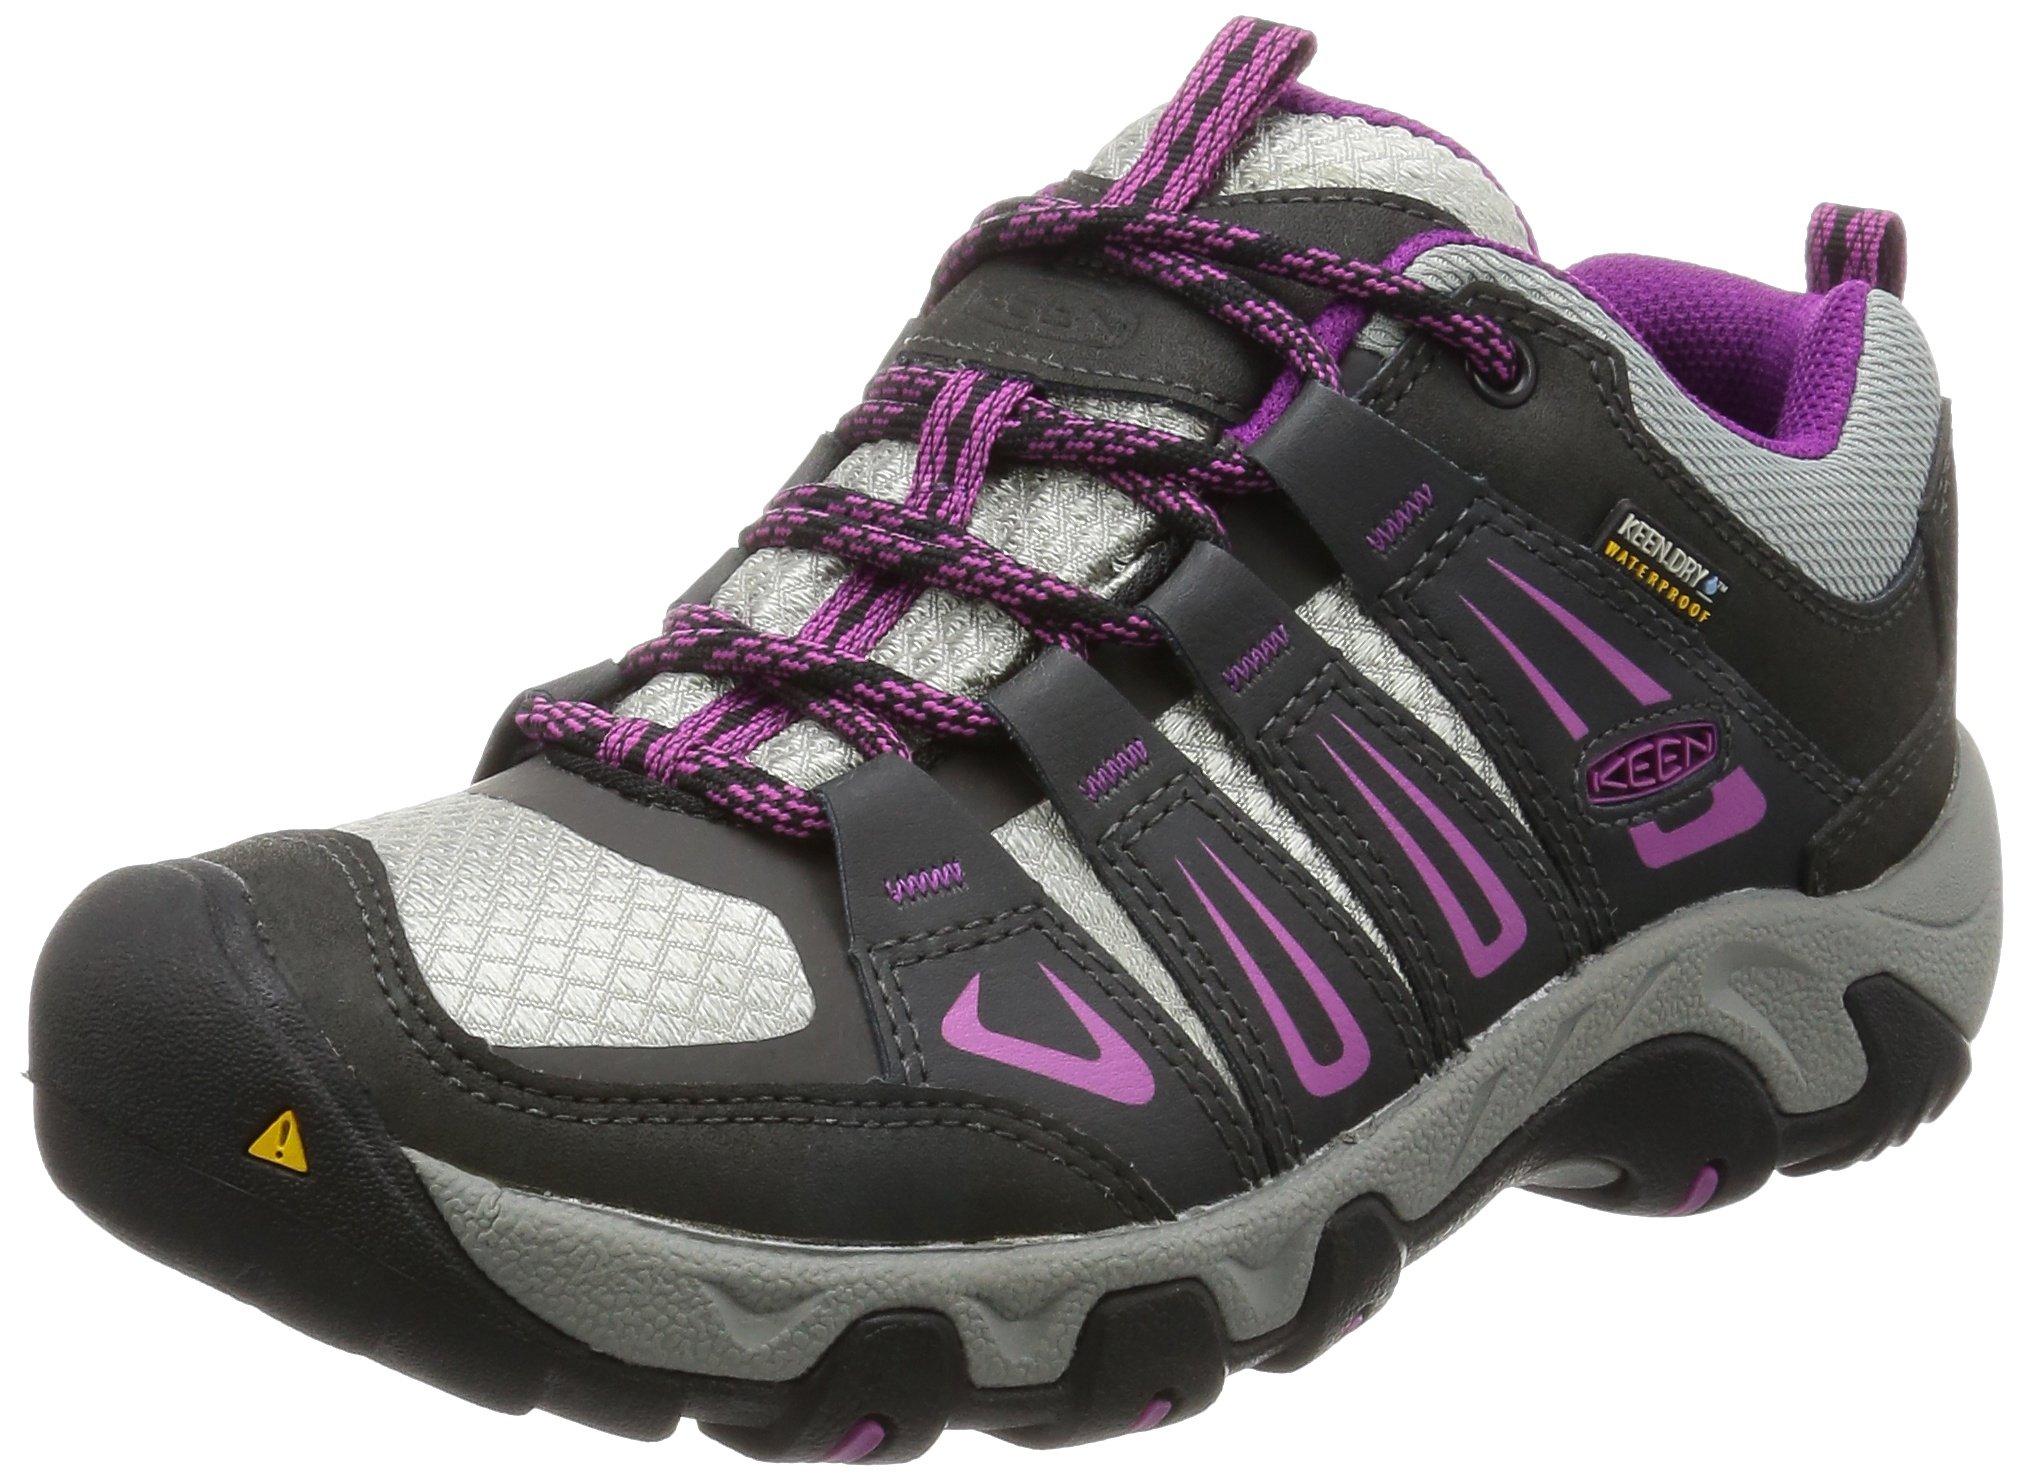 KEEN Women's Oakridge Waterproof Shoe, Raven/Viola, 5.5 M US